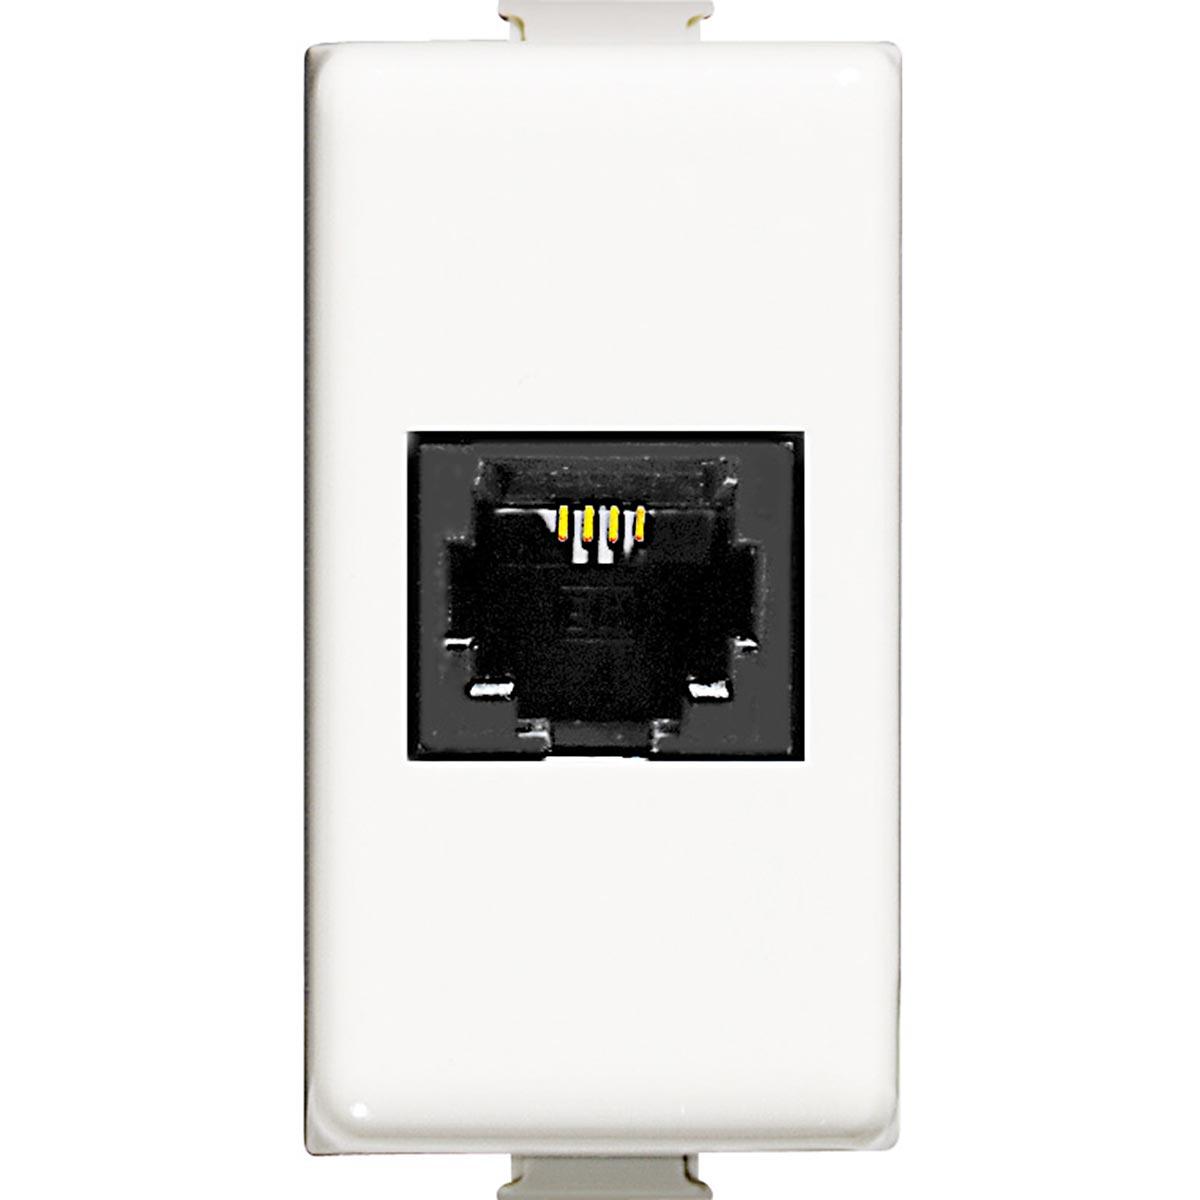 Connettore telefonico RJ11 Bticino Matix AM5982